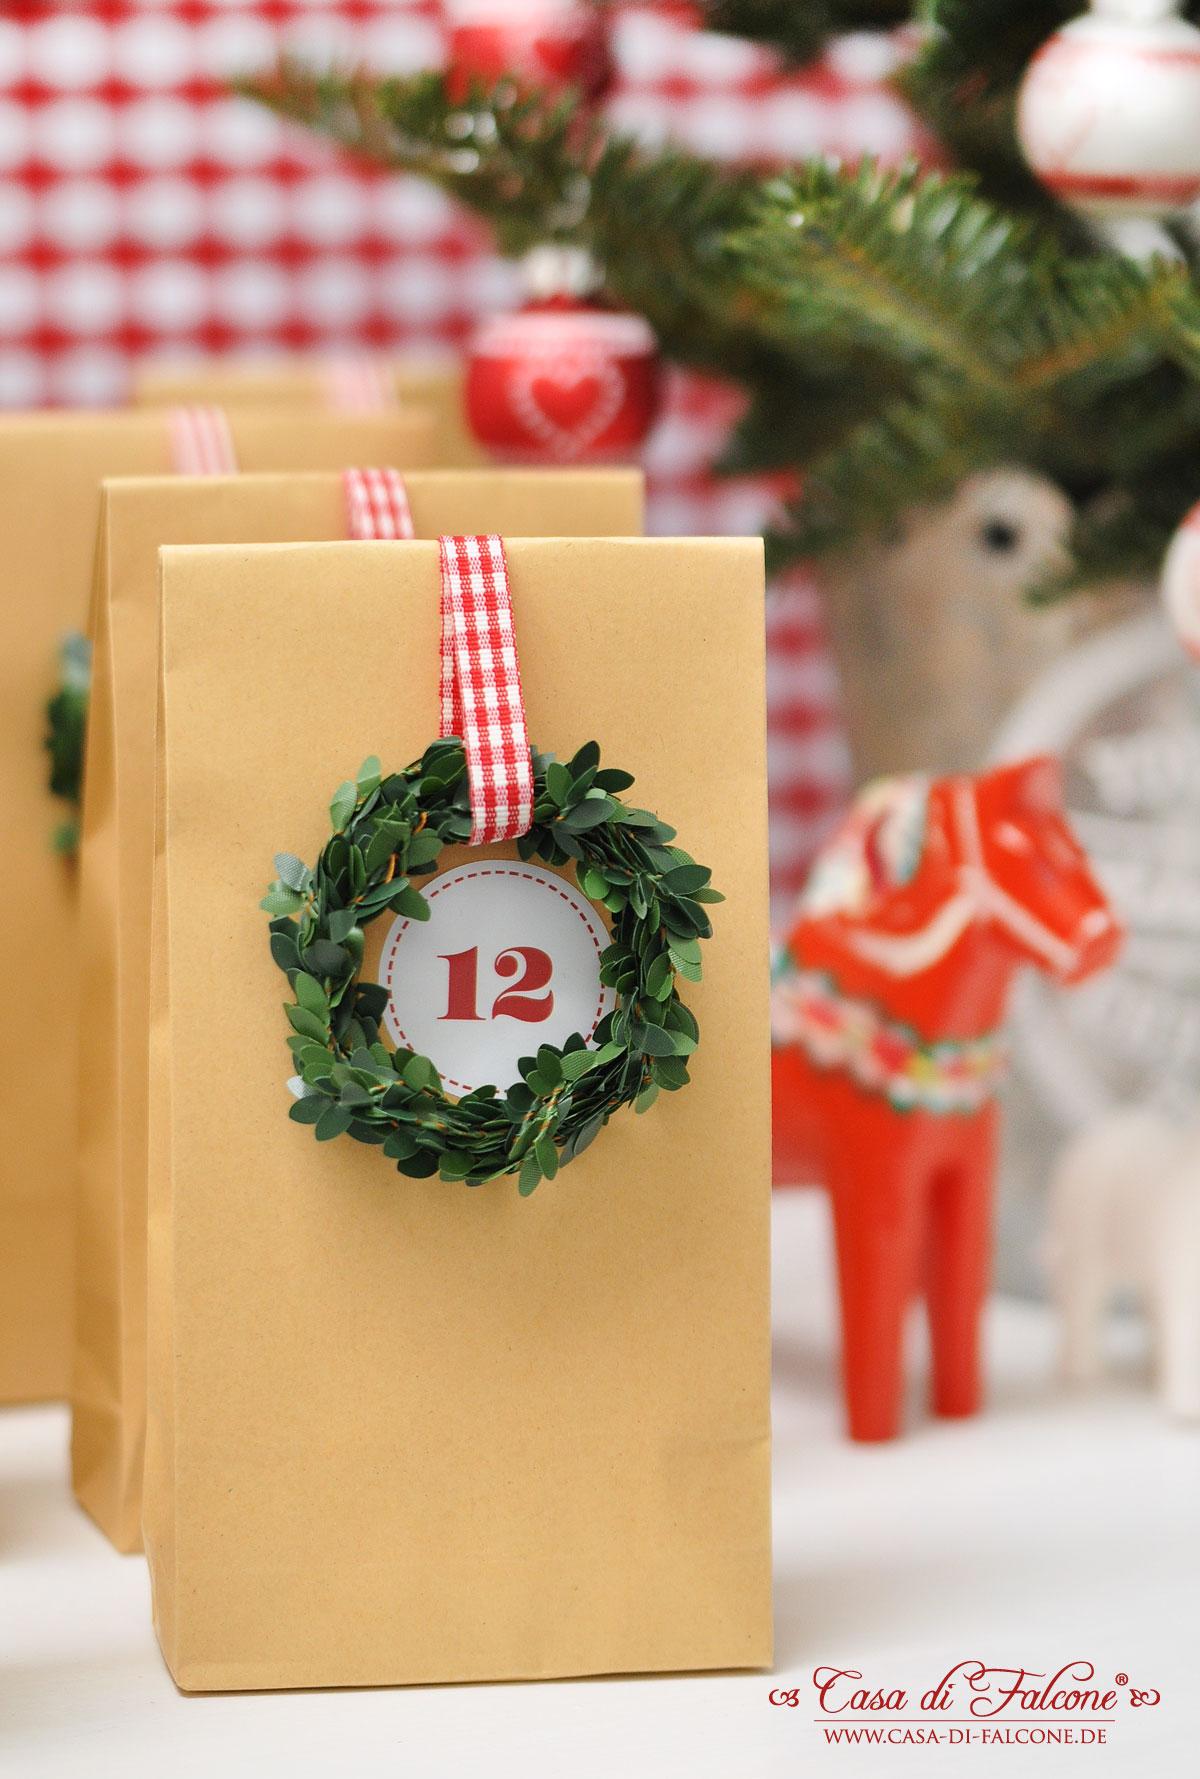 adventskalender no 11 schwedische weihnachten casa di falcone. Black Bedroom Furniture Sets. Home Design Ideas